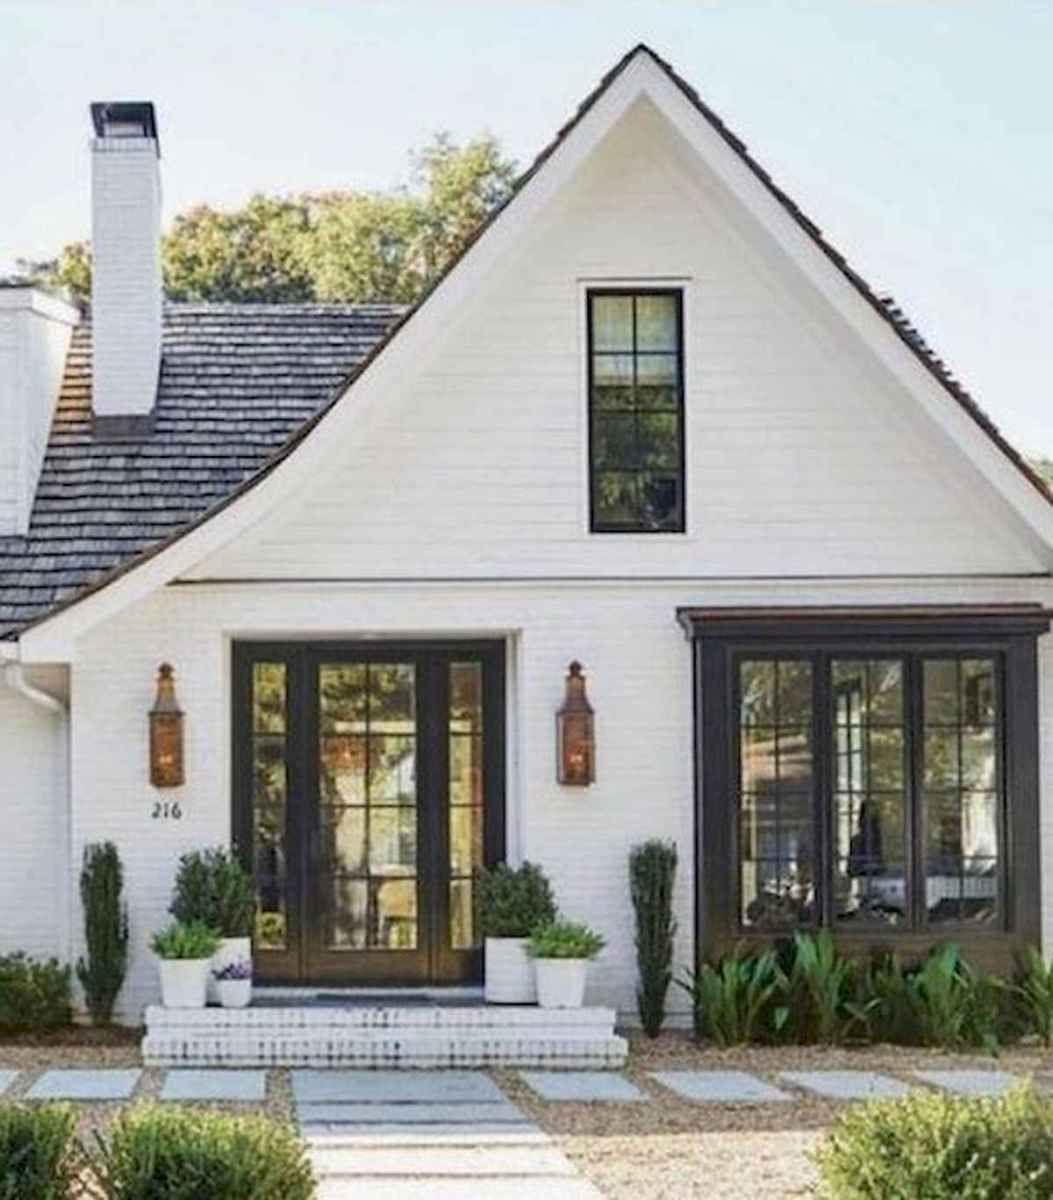 40 Stunning White Farmhouse Exterior Design Ideas 24 White Exterior Houses Modern Farmhouse Exterior White Farmhouse Exterior